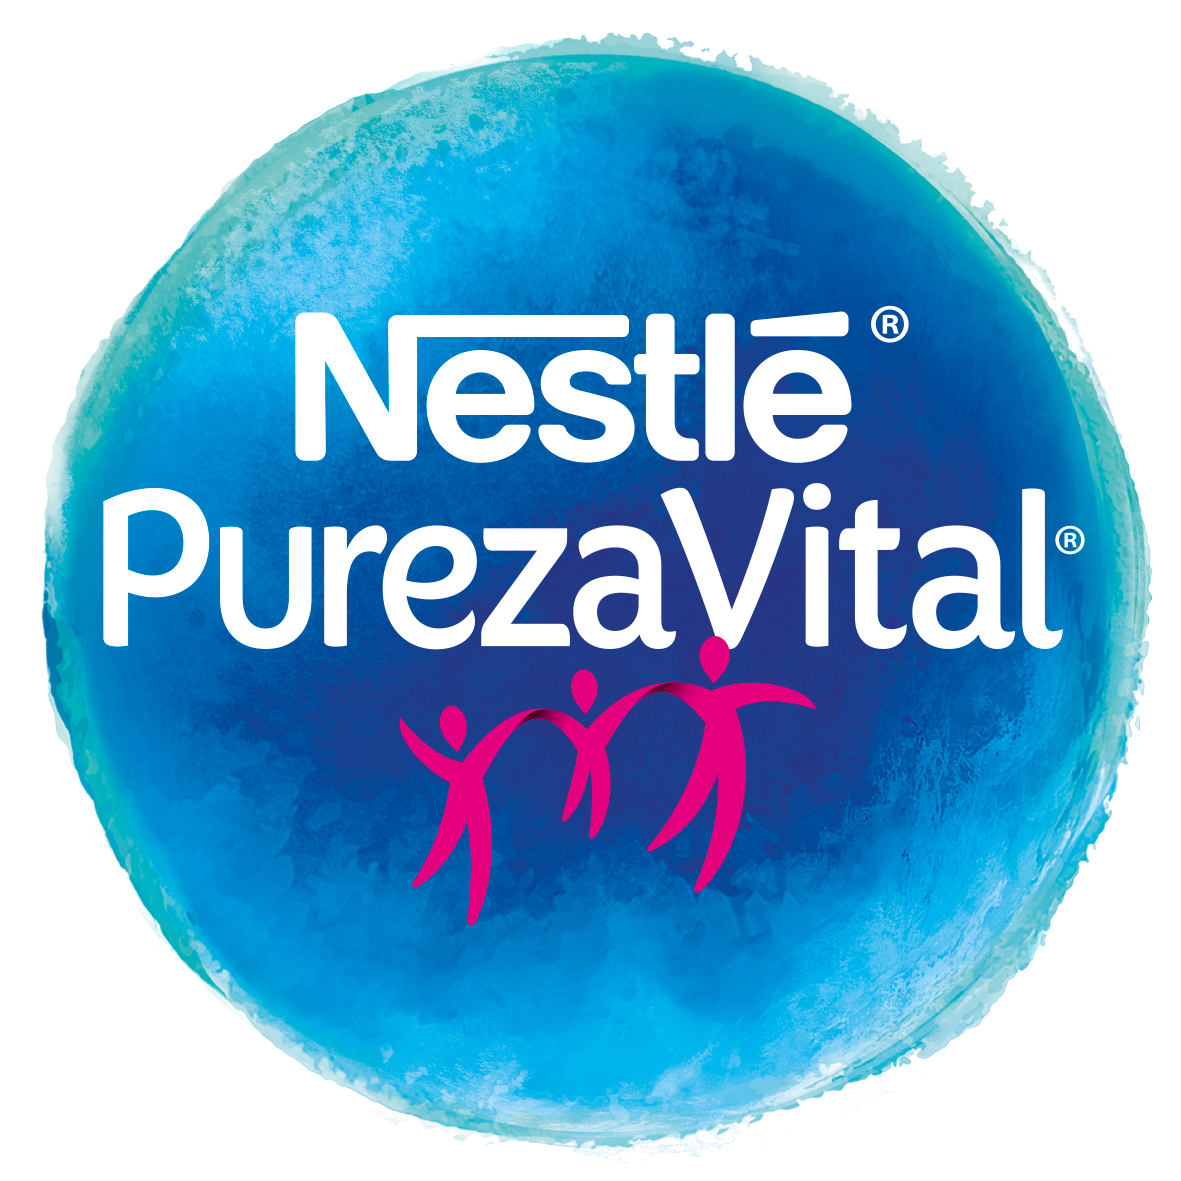 Nestlé Pureza Vital